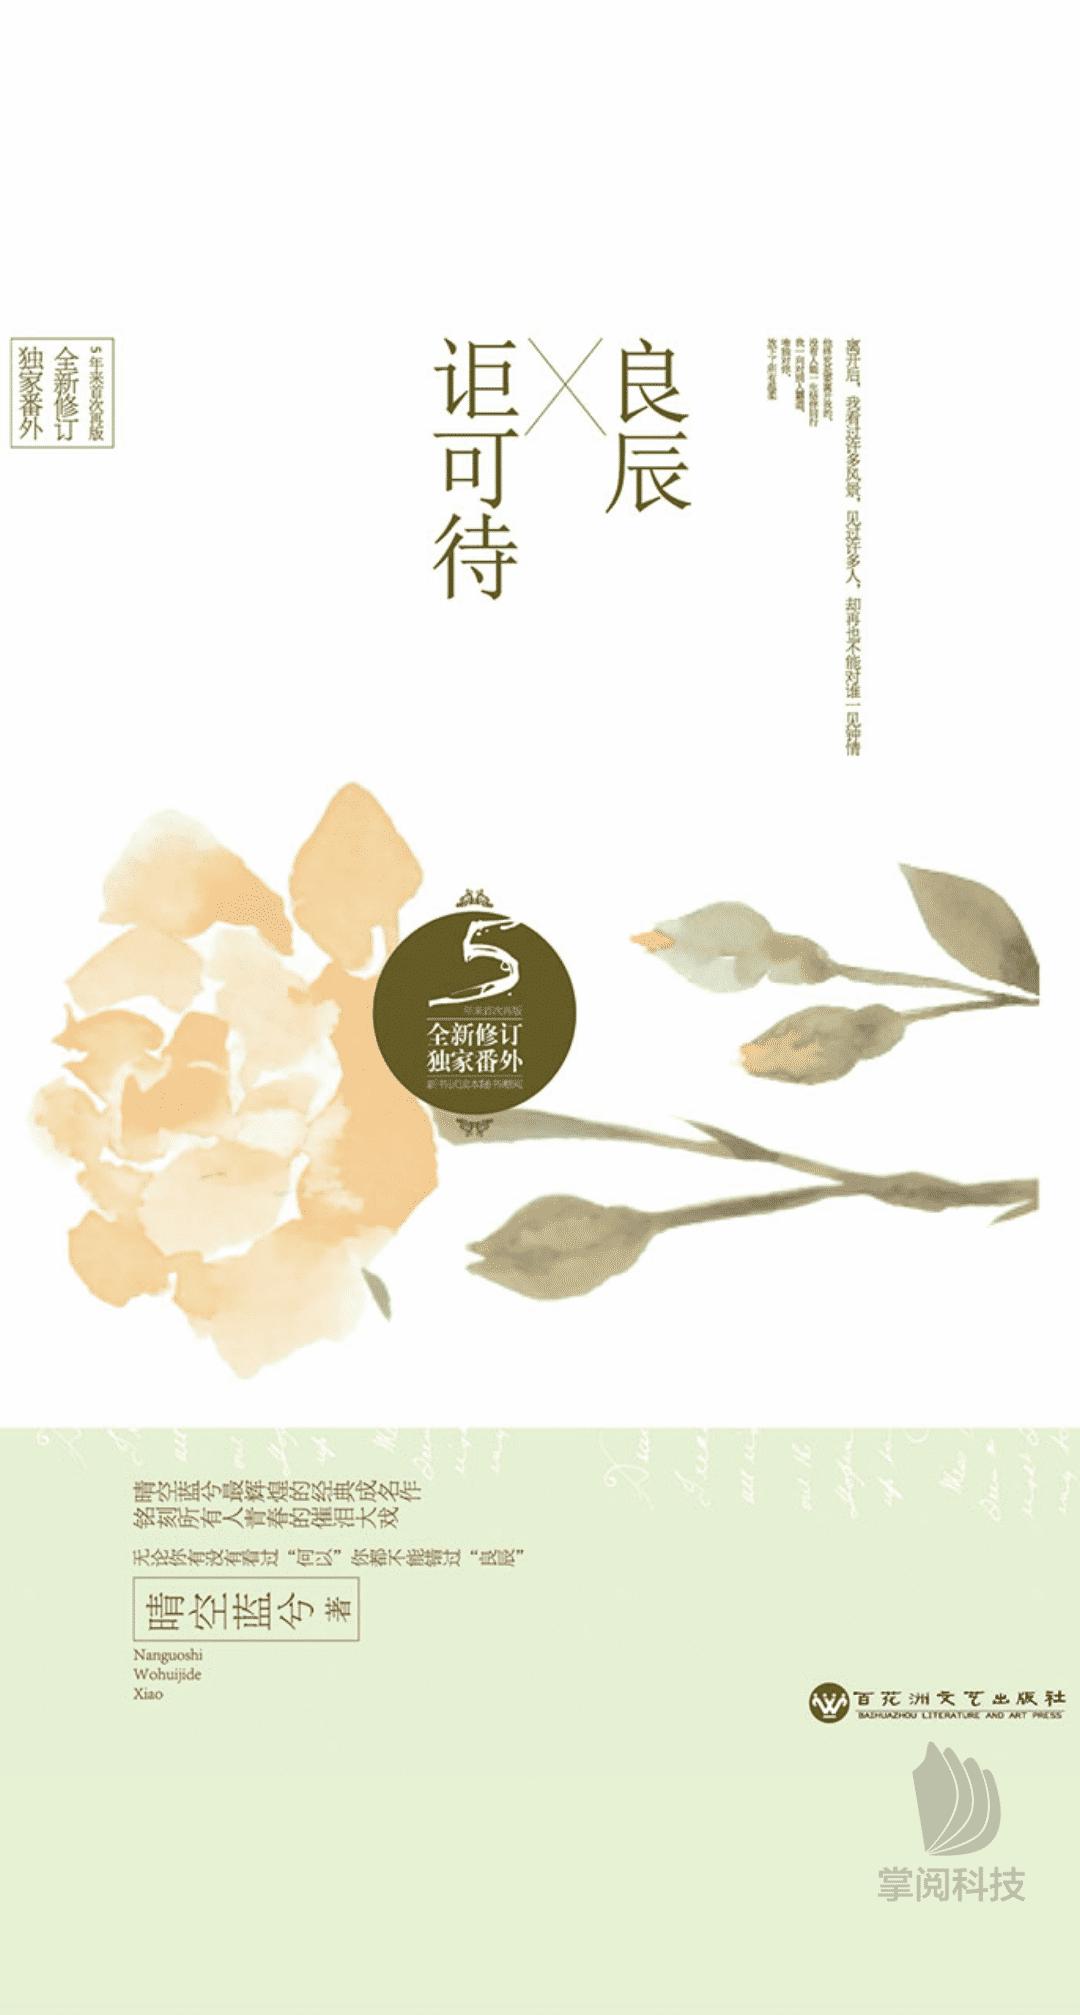 《良辰讵可待:完美纪念版[精品]》